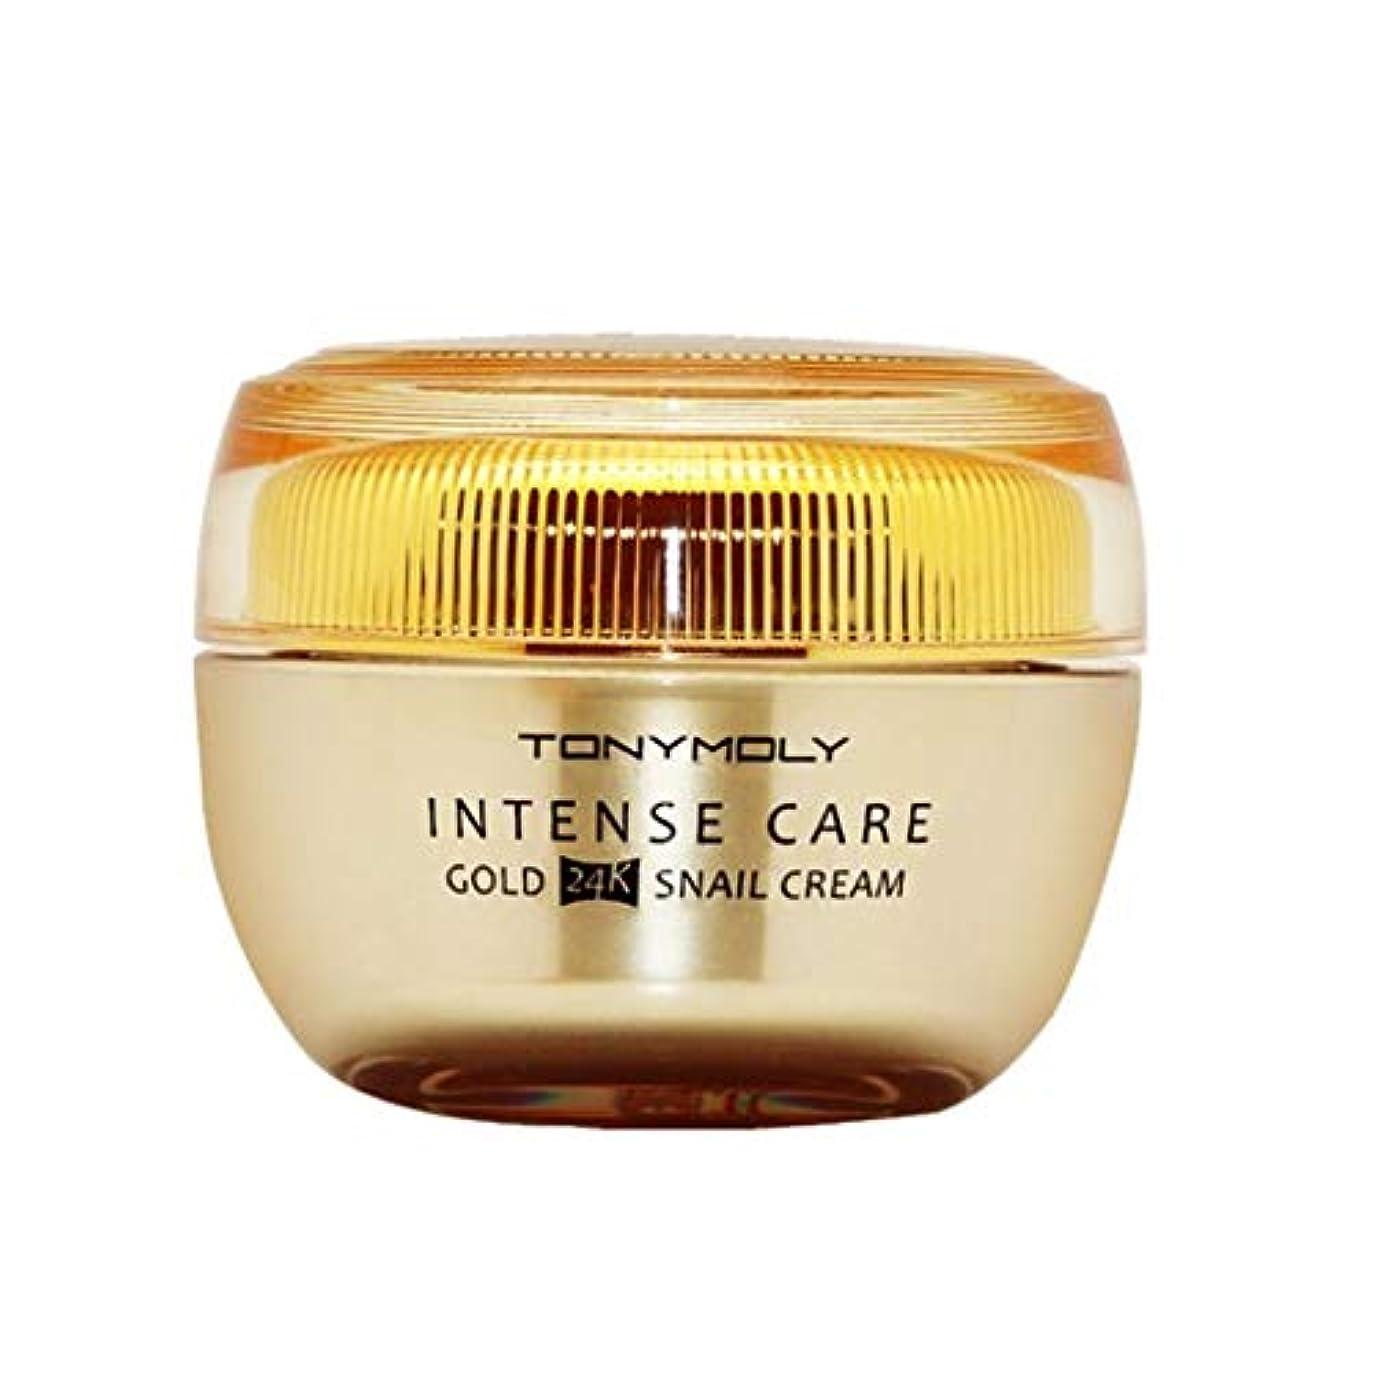 オアシス処方する虫を数えるトニーモリーインテンスケアゴールド24Kスネールクリーム45ml x 2本セット美白、シワ改善クリーム、Tonymoly Intense Care Gold 24K Snail Cream 45ml x 2ea Set...